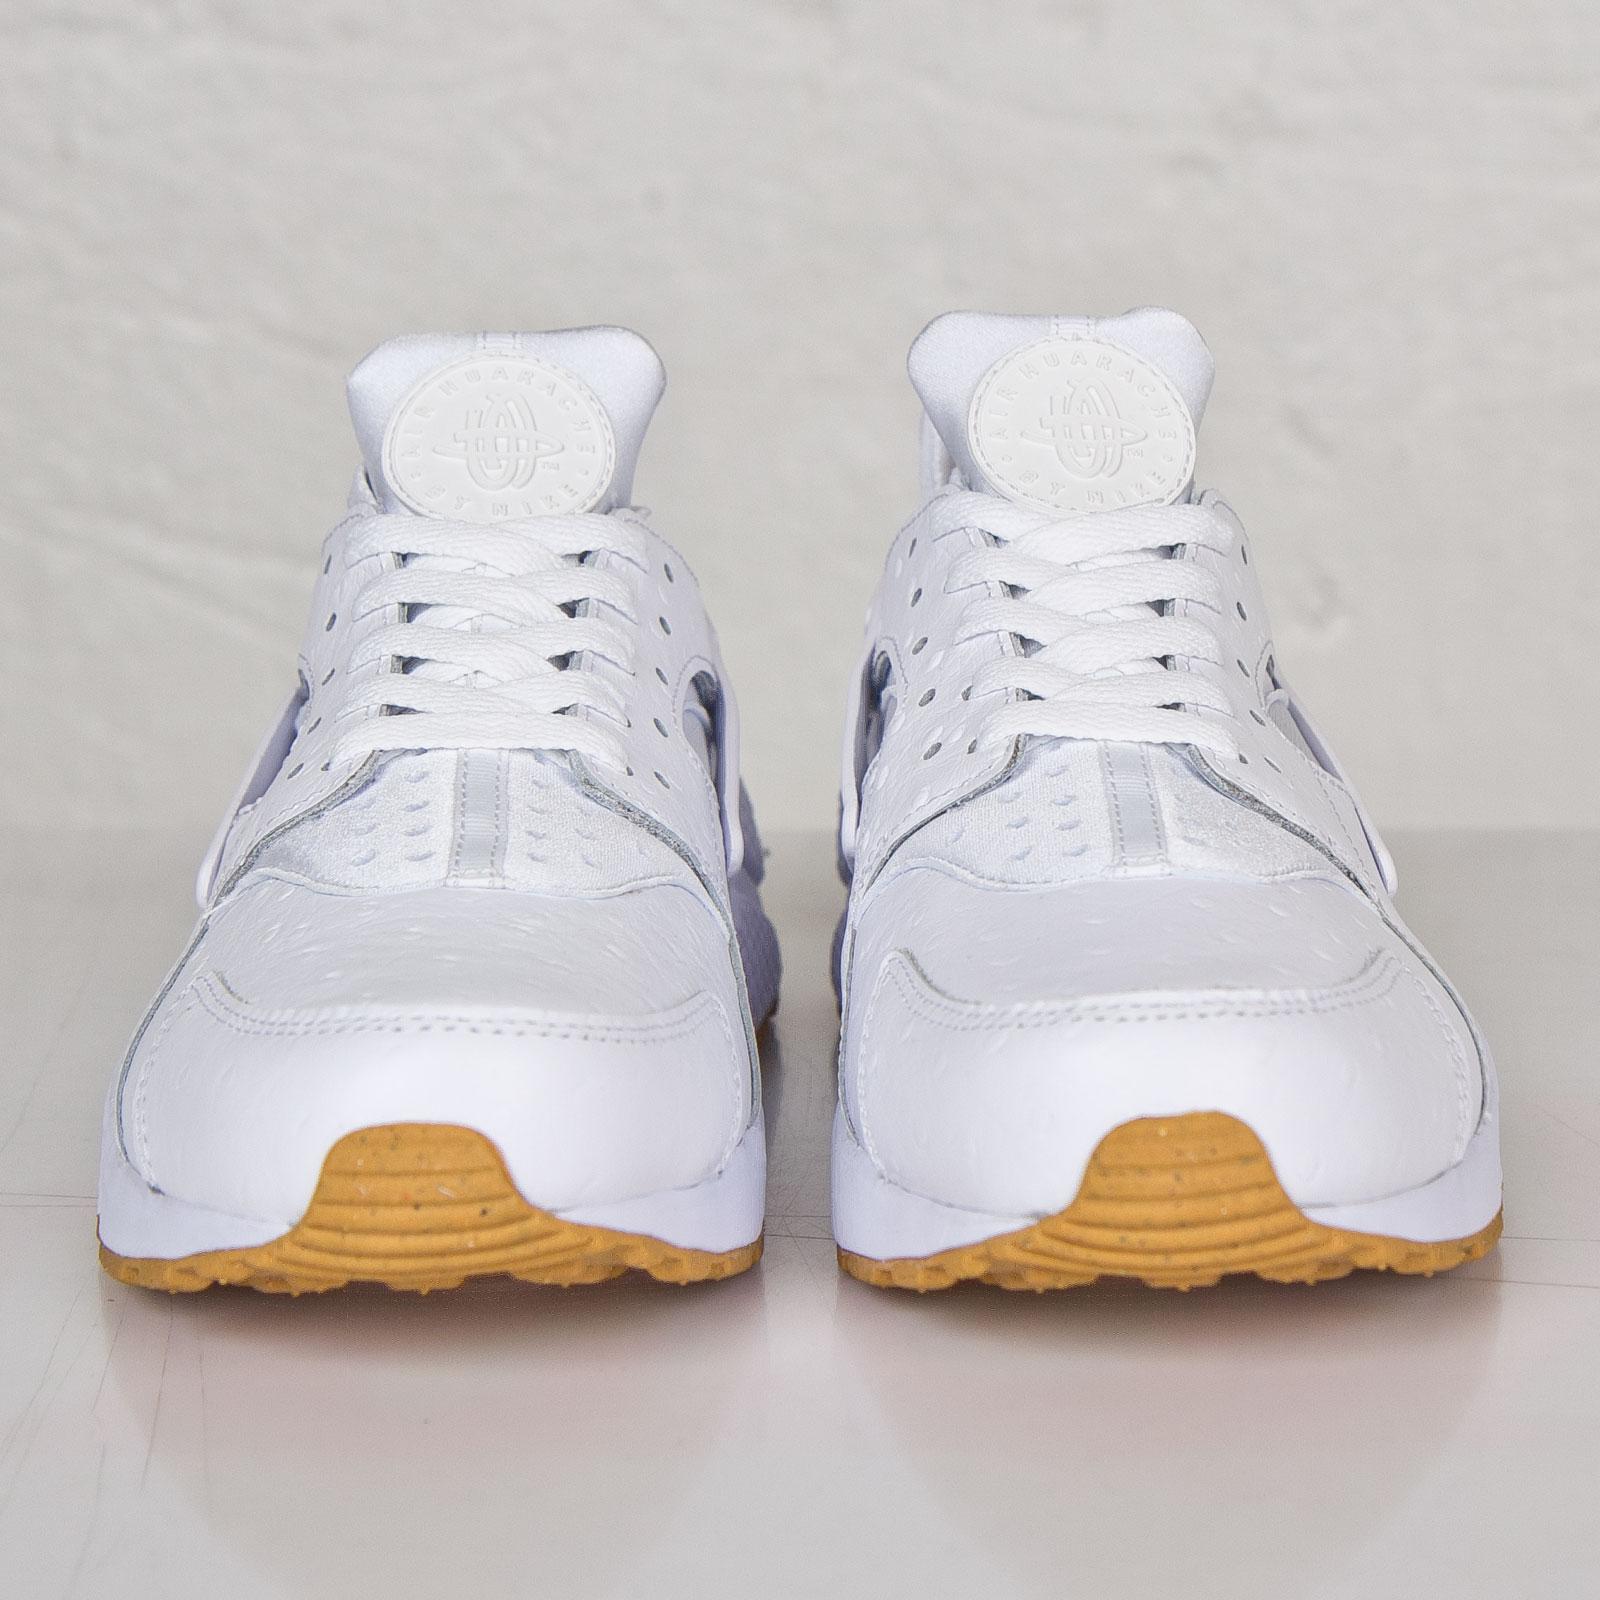 44b4d36ed2de6 Nike Air Huarache Run PA - 705008-111 - Sneakersnstuff